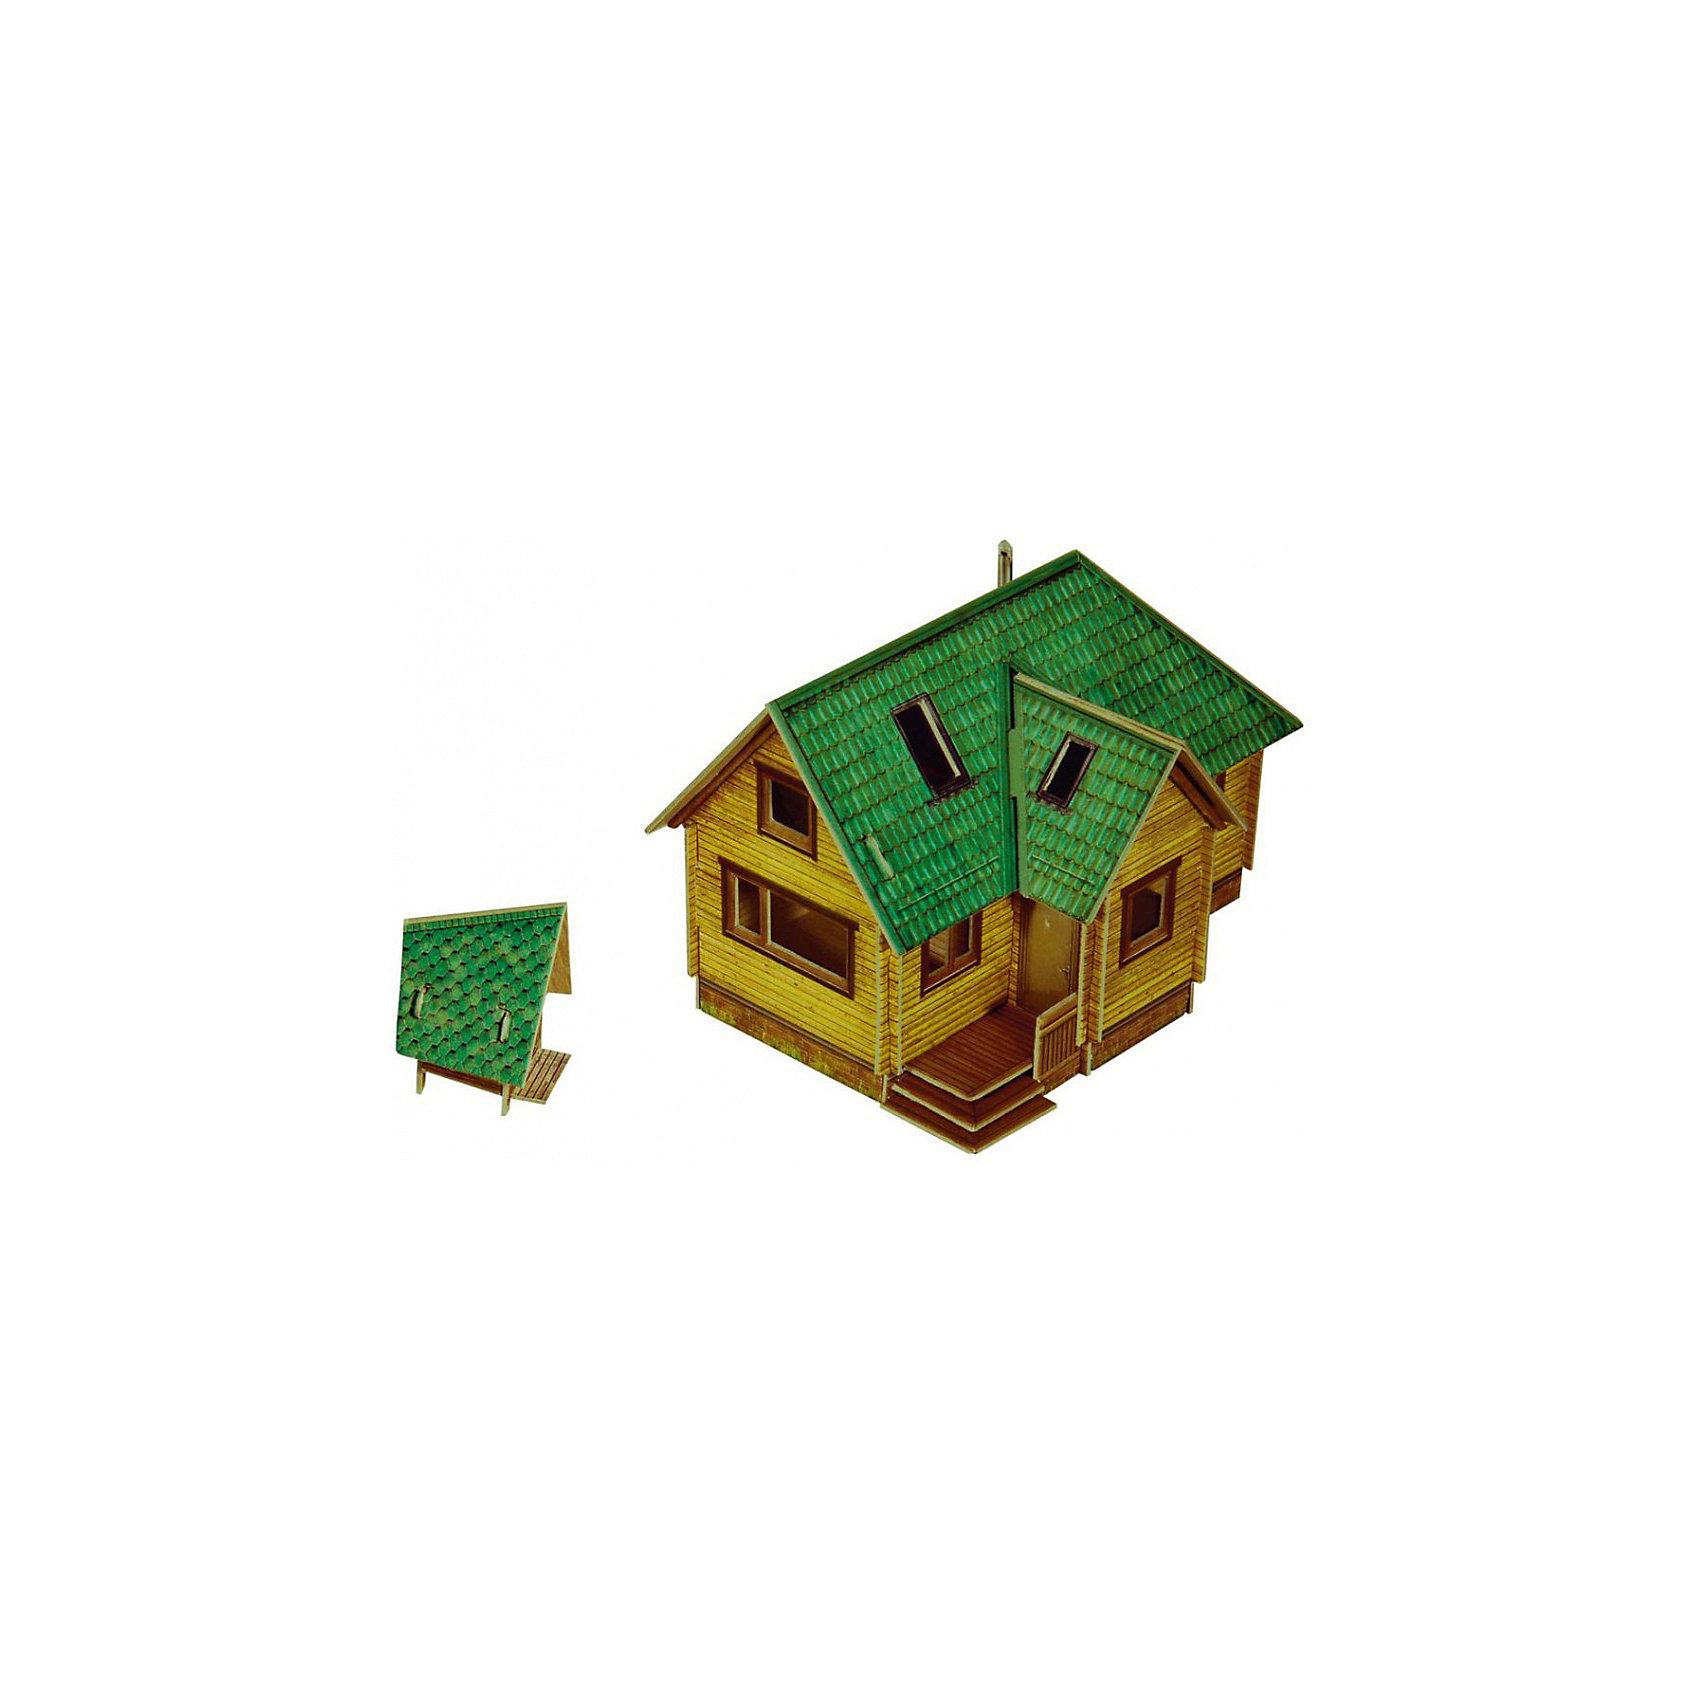 Сборная модель Дачный домикМодели из картона и бумаги<br>Дачный домик - cборная модель из картона. Серия: Масштабные модели. Количество деталей, шт: 38. Размер в собранном виде, см: Дом - 11 х 7 х 7,5. Туалет - 3 х 4 х 3. Размер упаковки, мм.:  высота 242 ширина 173 глубина 3. Тип упаковки: Пакет ПП с подвесом. Вес, гр.: 70. Возраст: от 9 лет. Все модели и игрушки, созданные по технологии УМНАЯ БУМАГА собираются без ножниц и клея, что является их неповторимой особенностью.<br>Принцип соединения деталей запатентован. Соединения деталей продуманы и просчитаны с такой точностью, что при правильной сборке с моделью можно играть, как с обычной игрушкой.<br><br>Ширина мм: 173<br>Глубина мм: 3<br>Высота мм: 242<br>Вес г: 70<br>Возраст от месяцев: 108<br>Возраст до месяцев: 2147483647<br>Пол: Унисекс<br>Возраст: Детский<br>SKU: 4807405